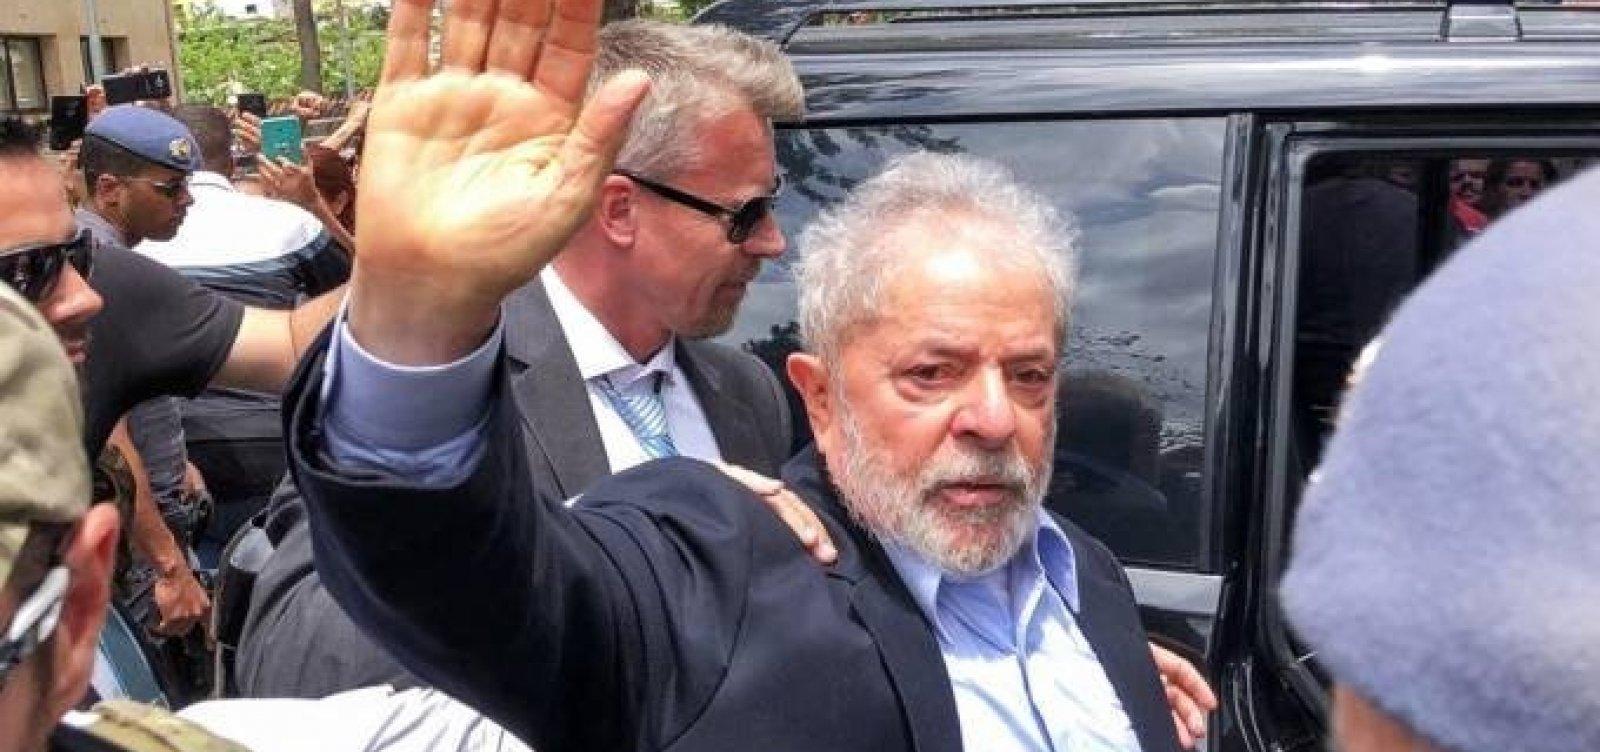 Confira cinco perguntas e respostas sobre a situação de Lula